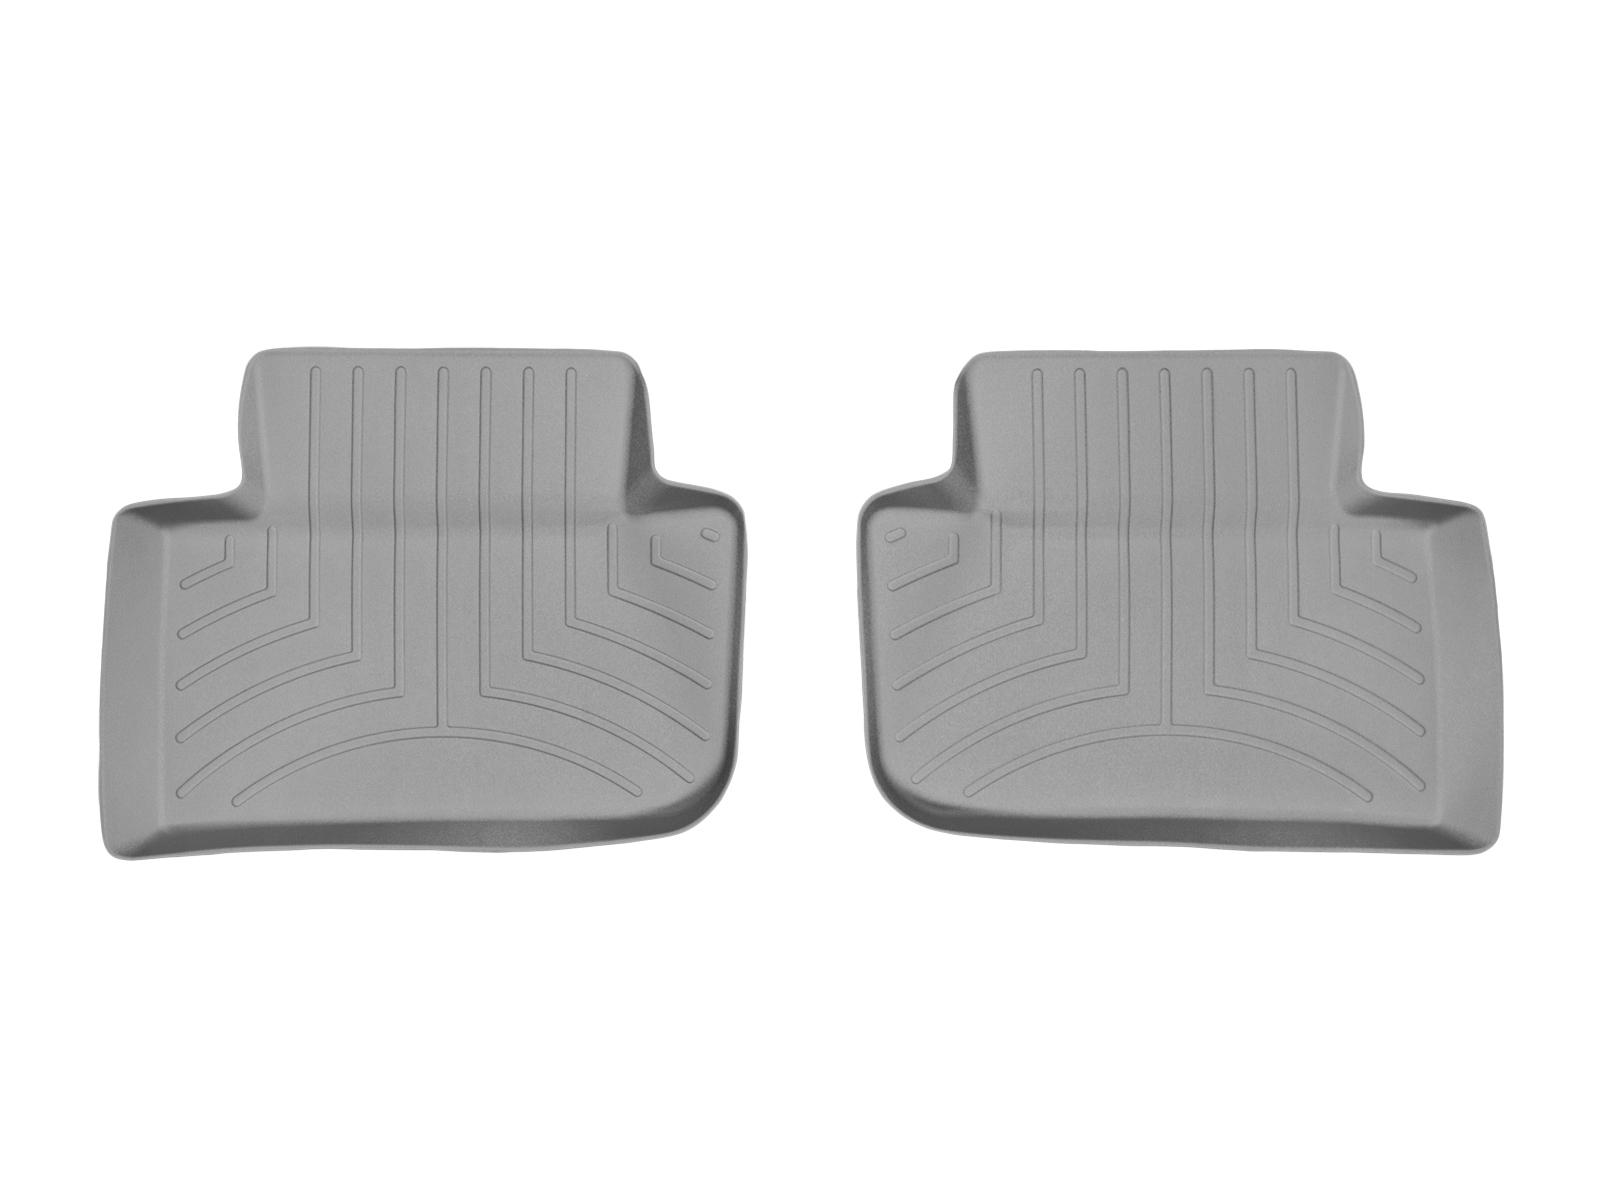 Tappeti gomma su misura bordo alto Porsche® Macan 14>17 Grigio A3164